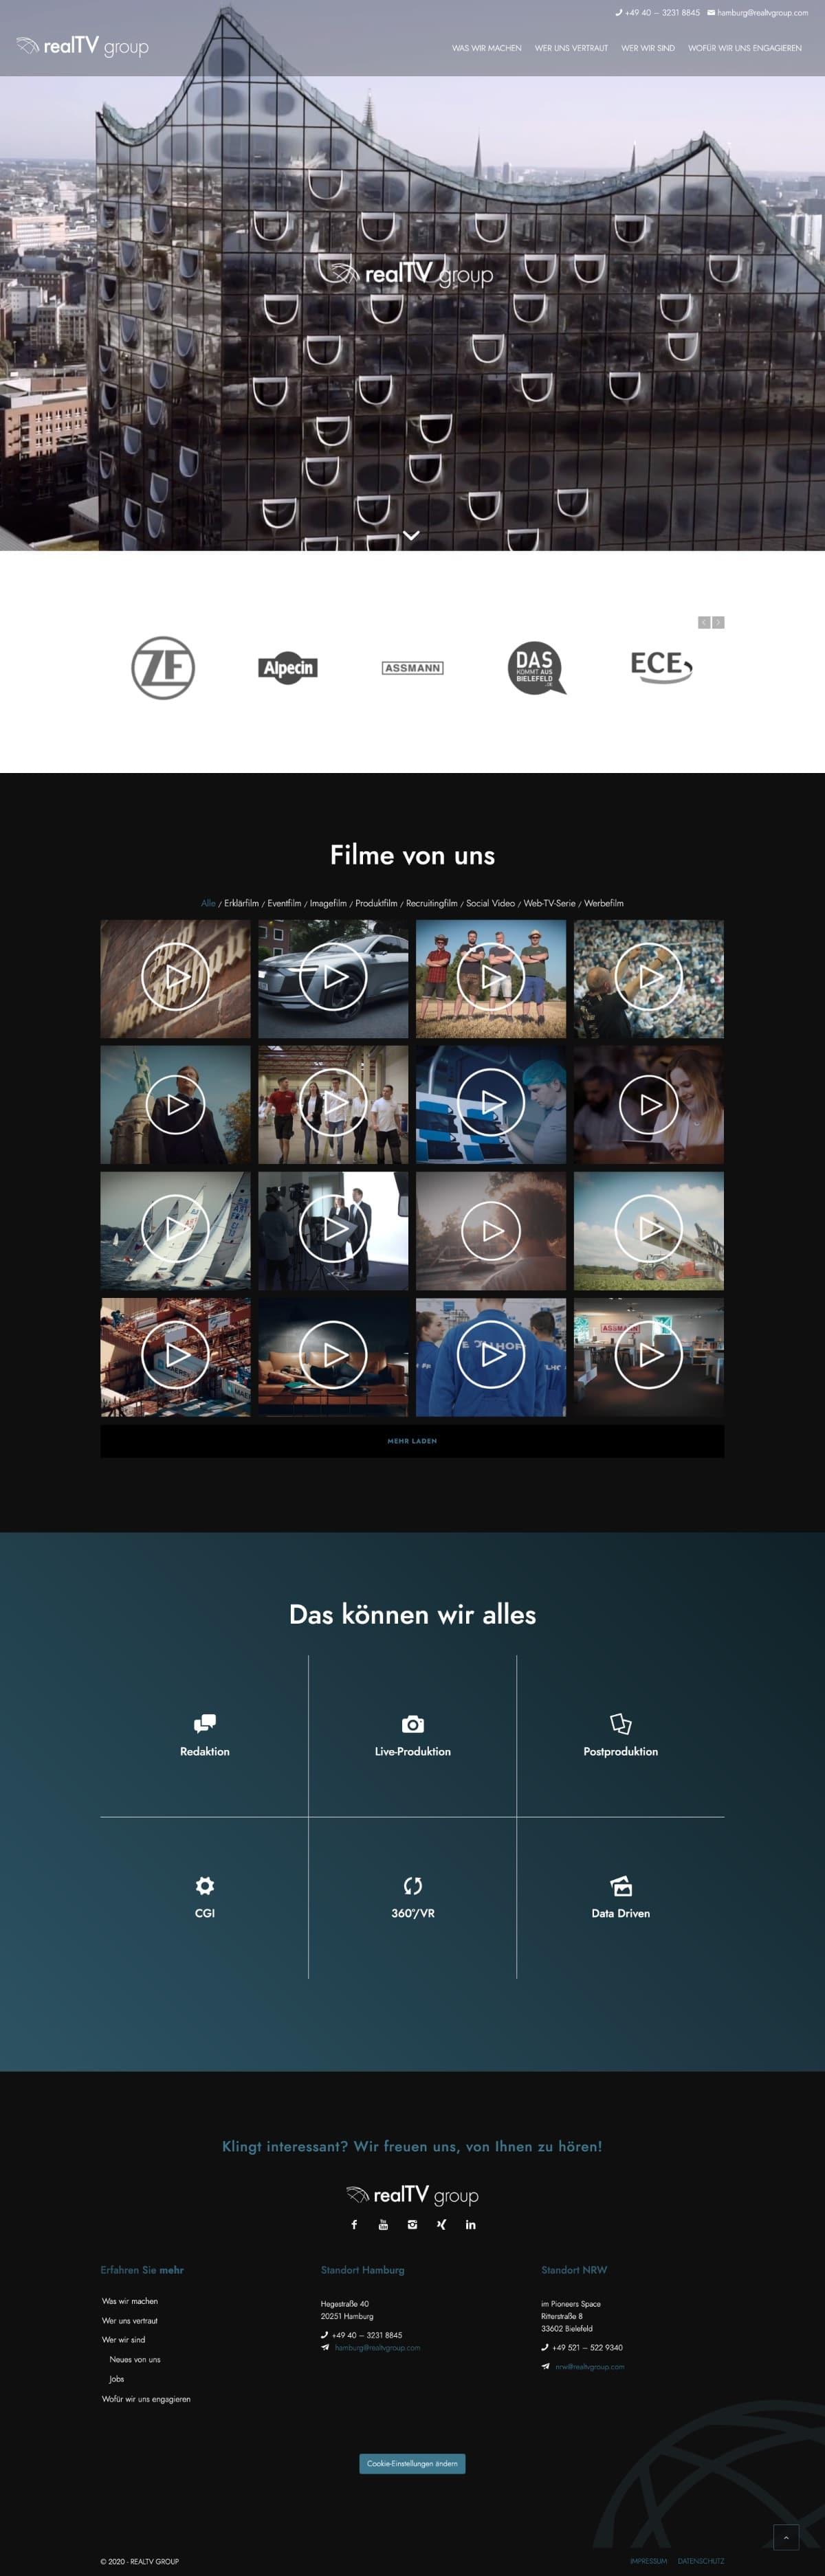 realTV-group - Ansicht der Website